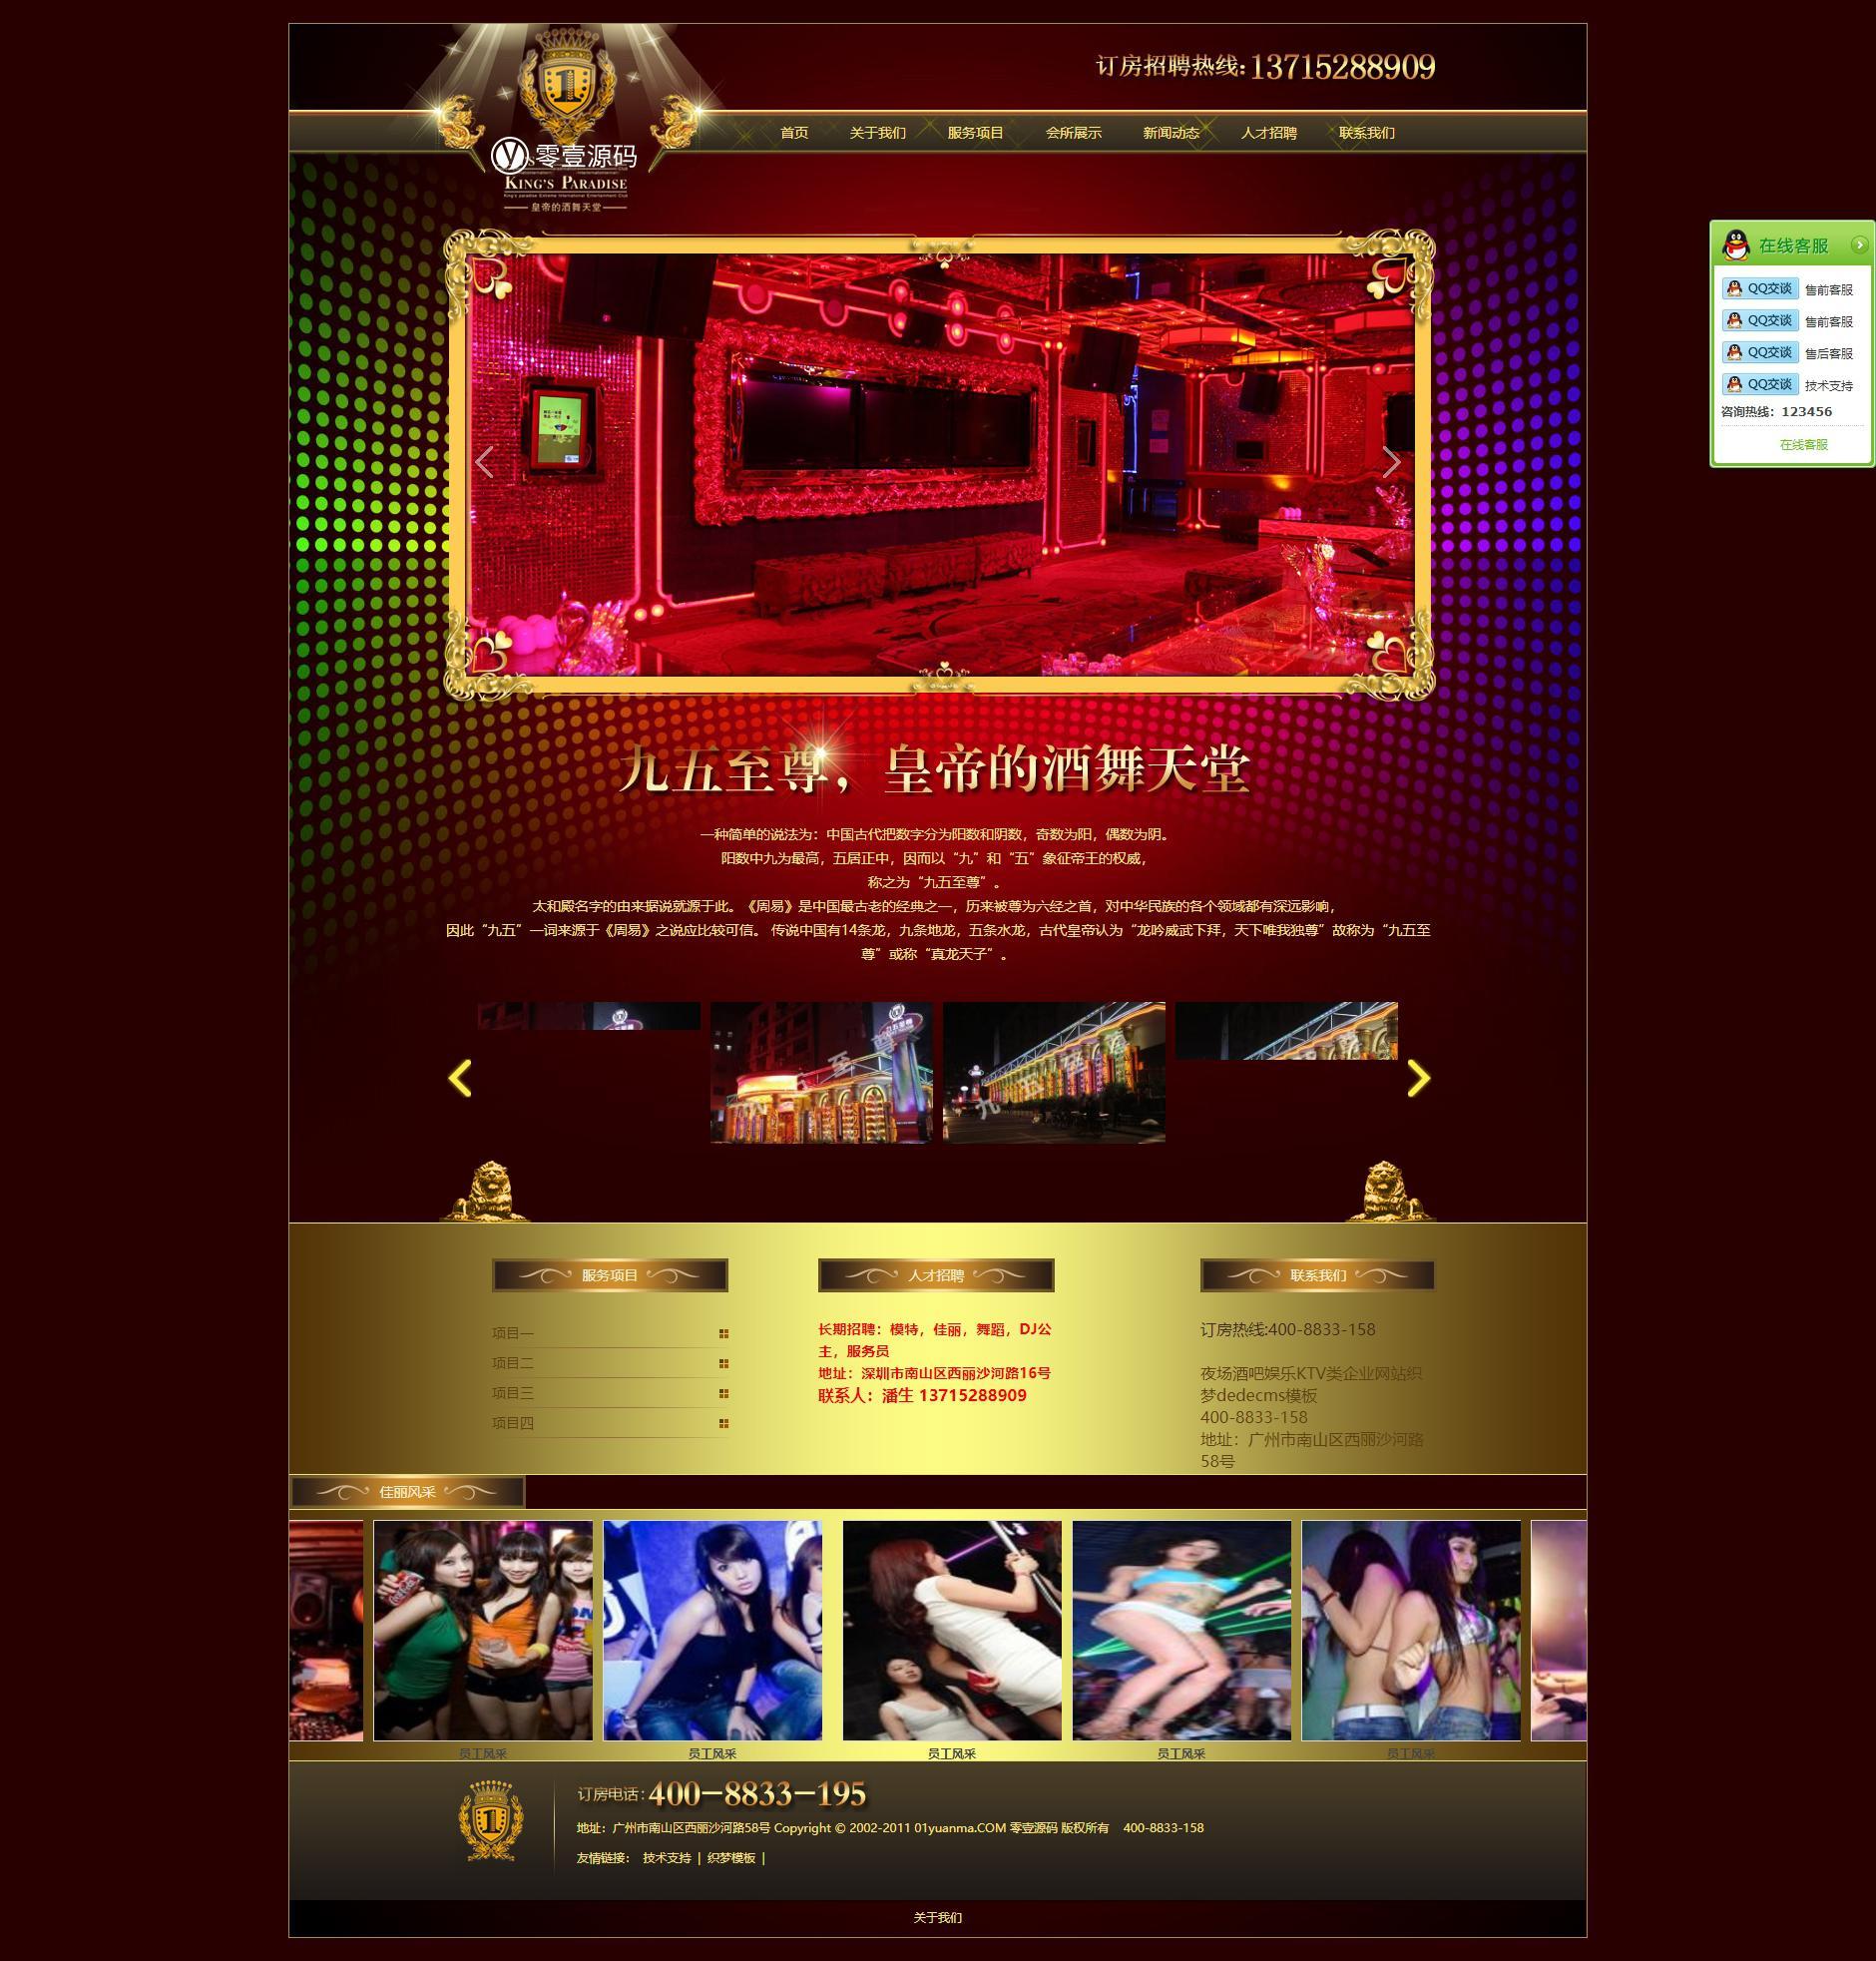 夜场酒吧娱乐KTV类企业网站织梦dedecms模板